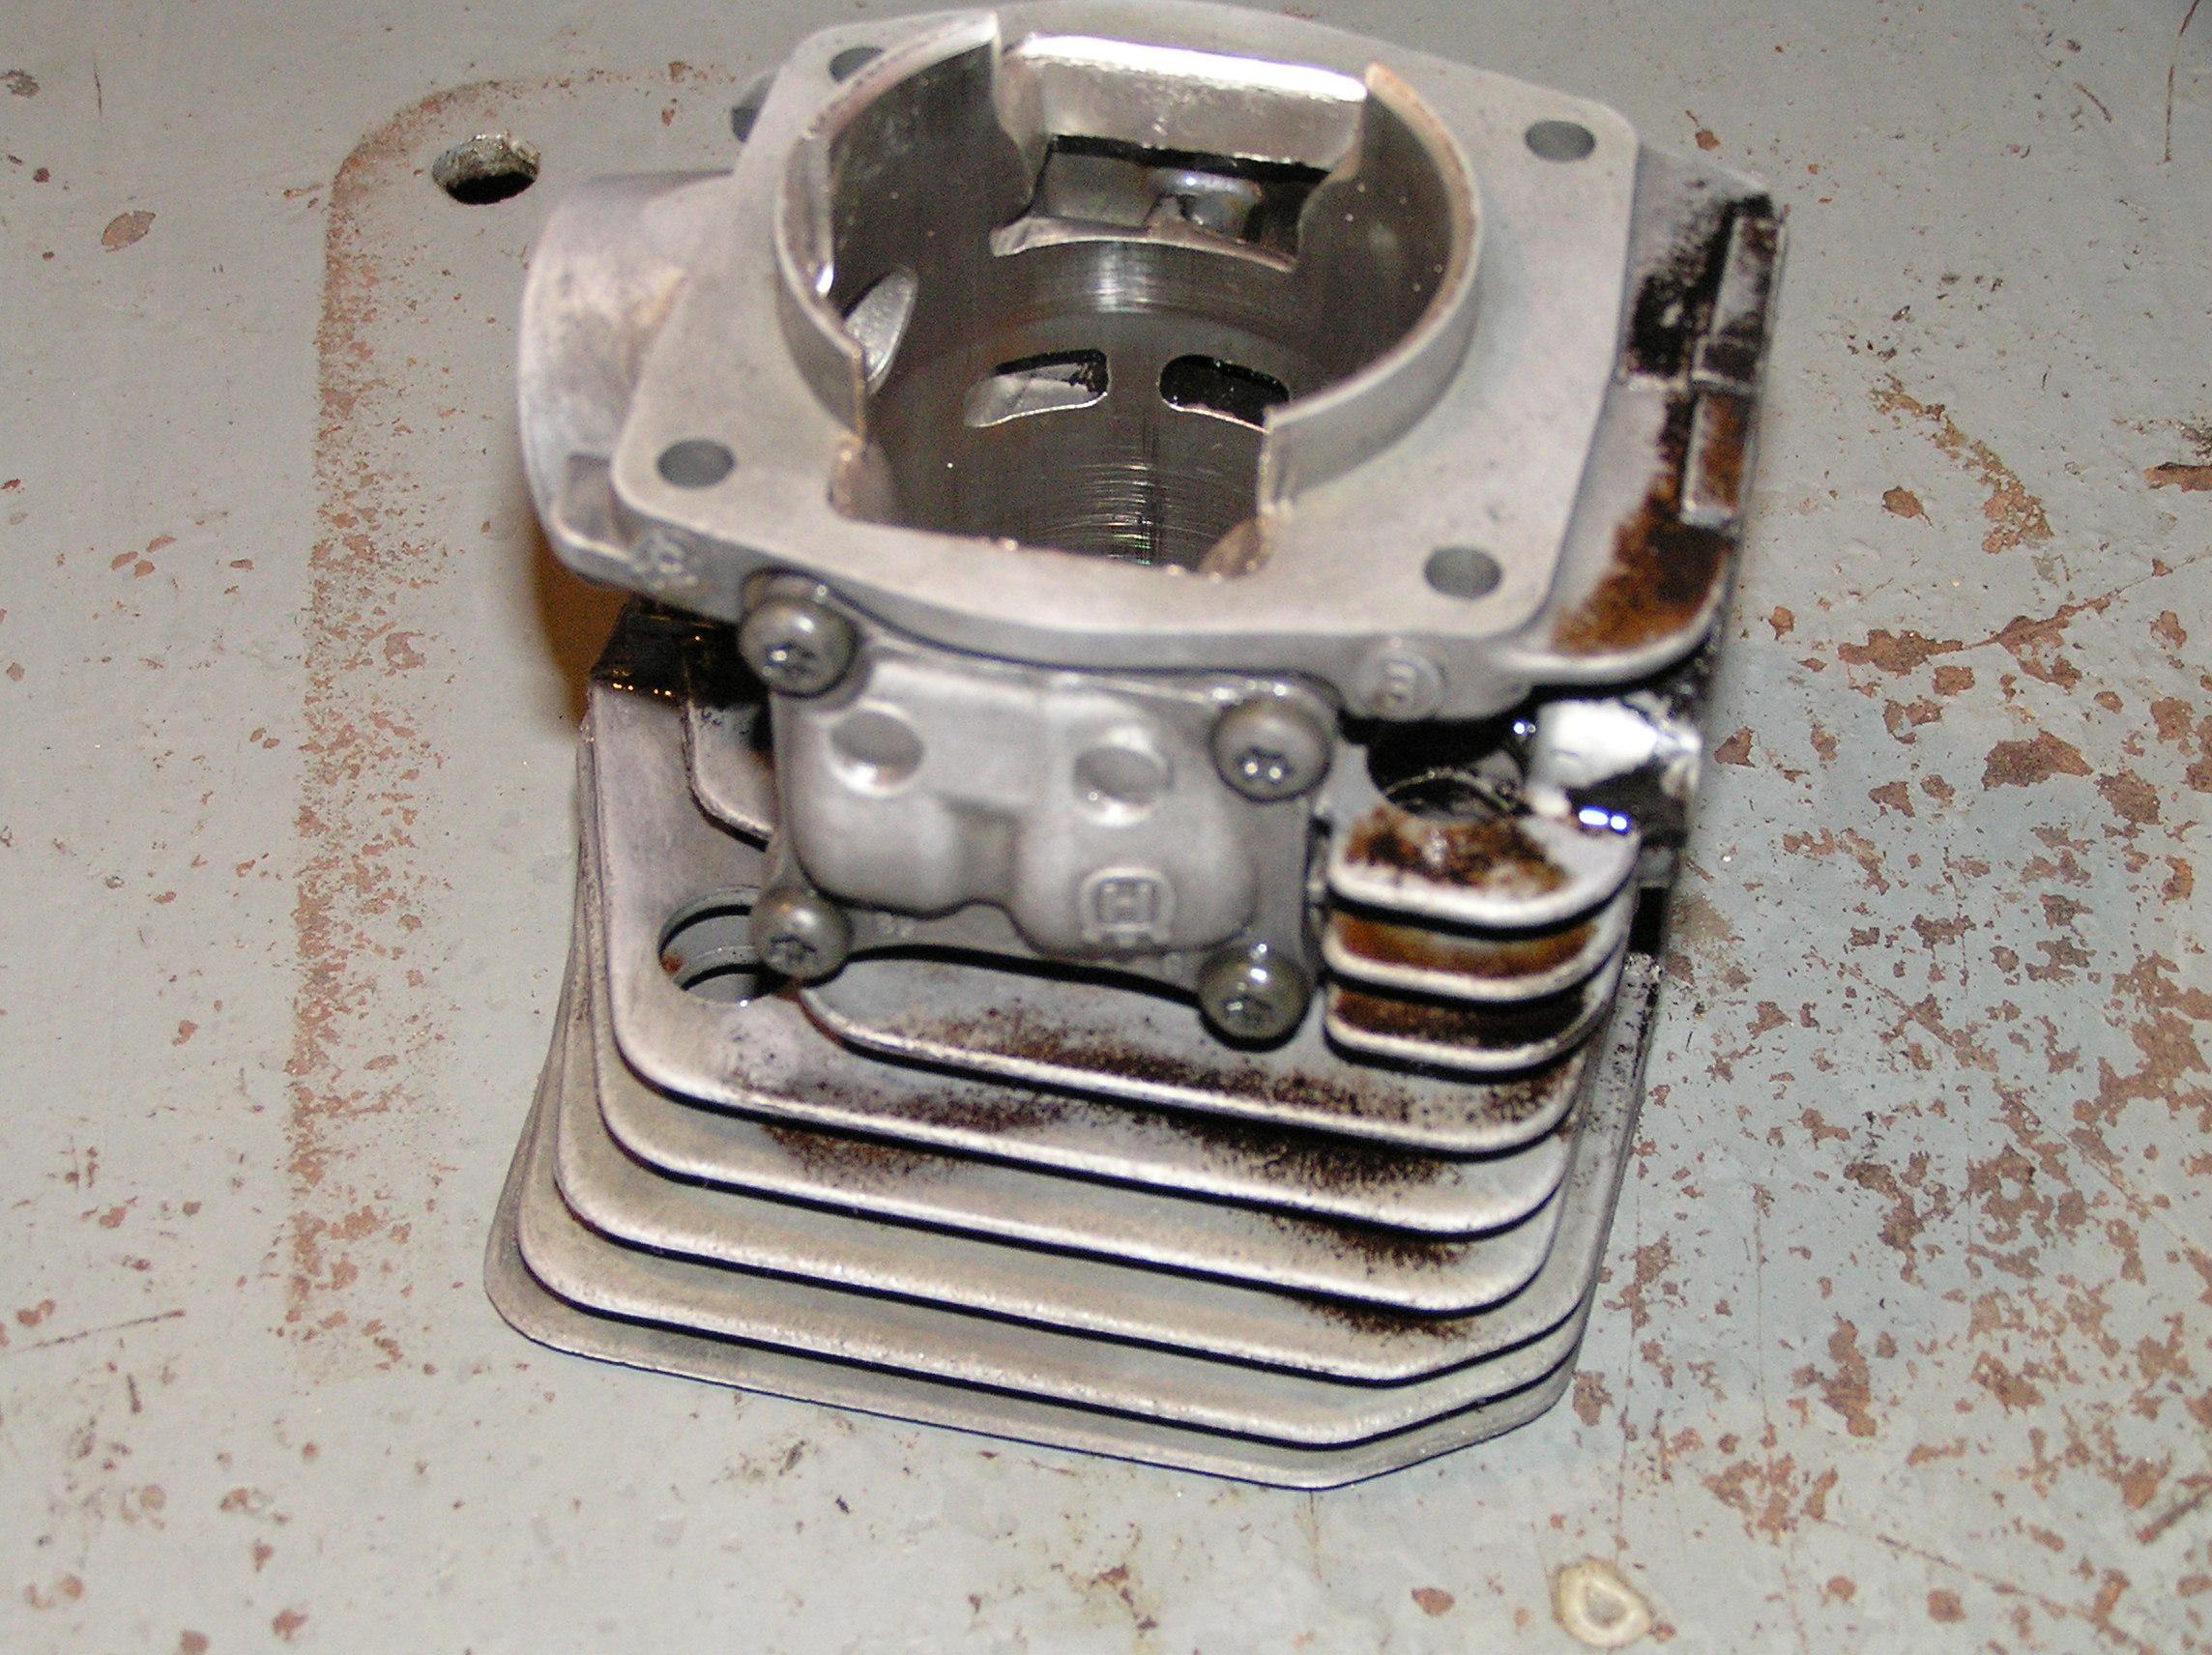 czyszczenie elementow pilarek spalinowych 2 - Photo Gallery